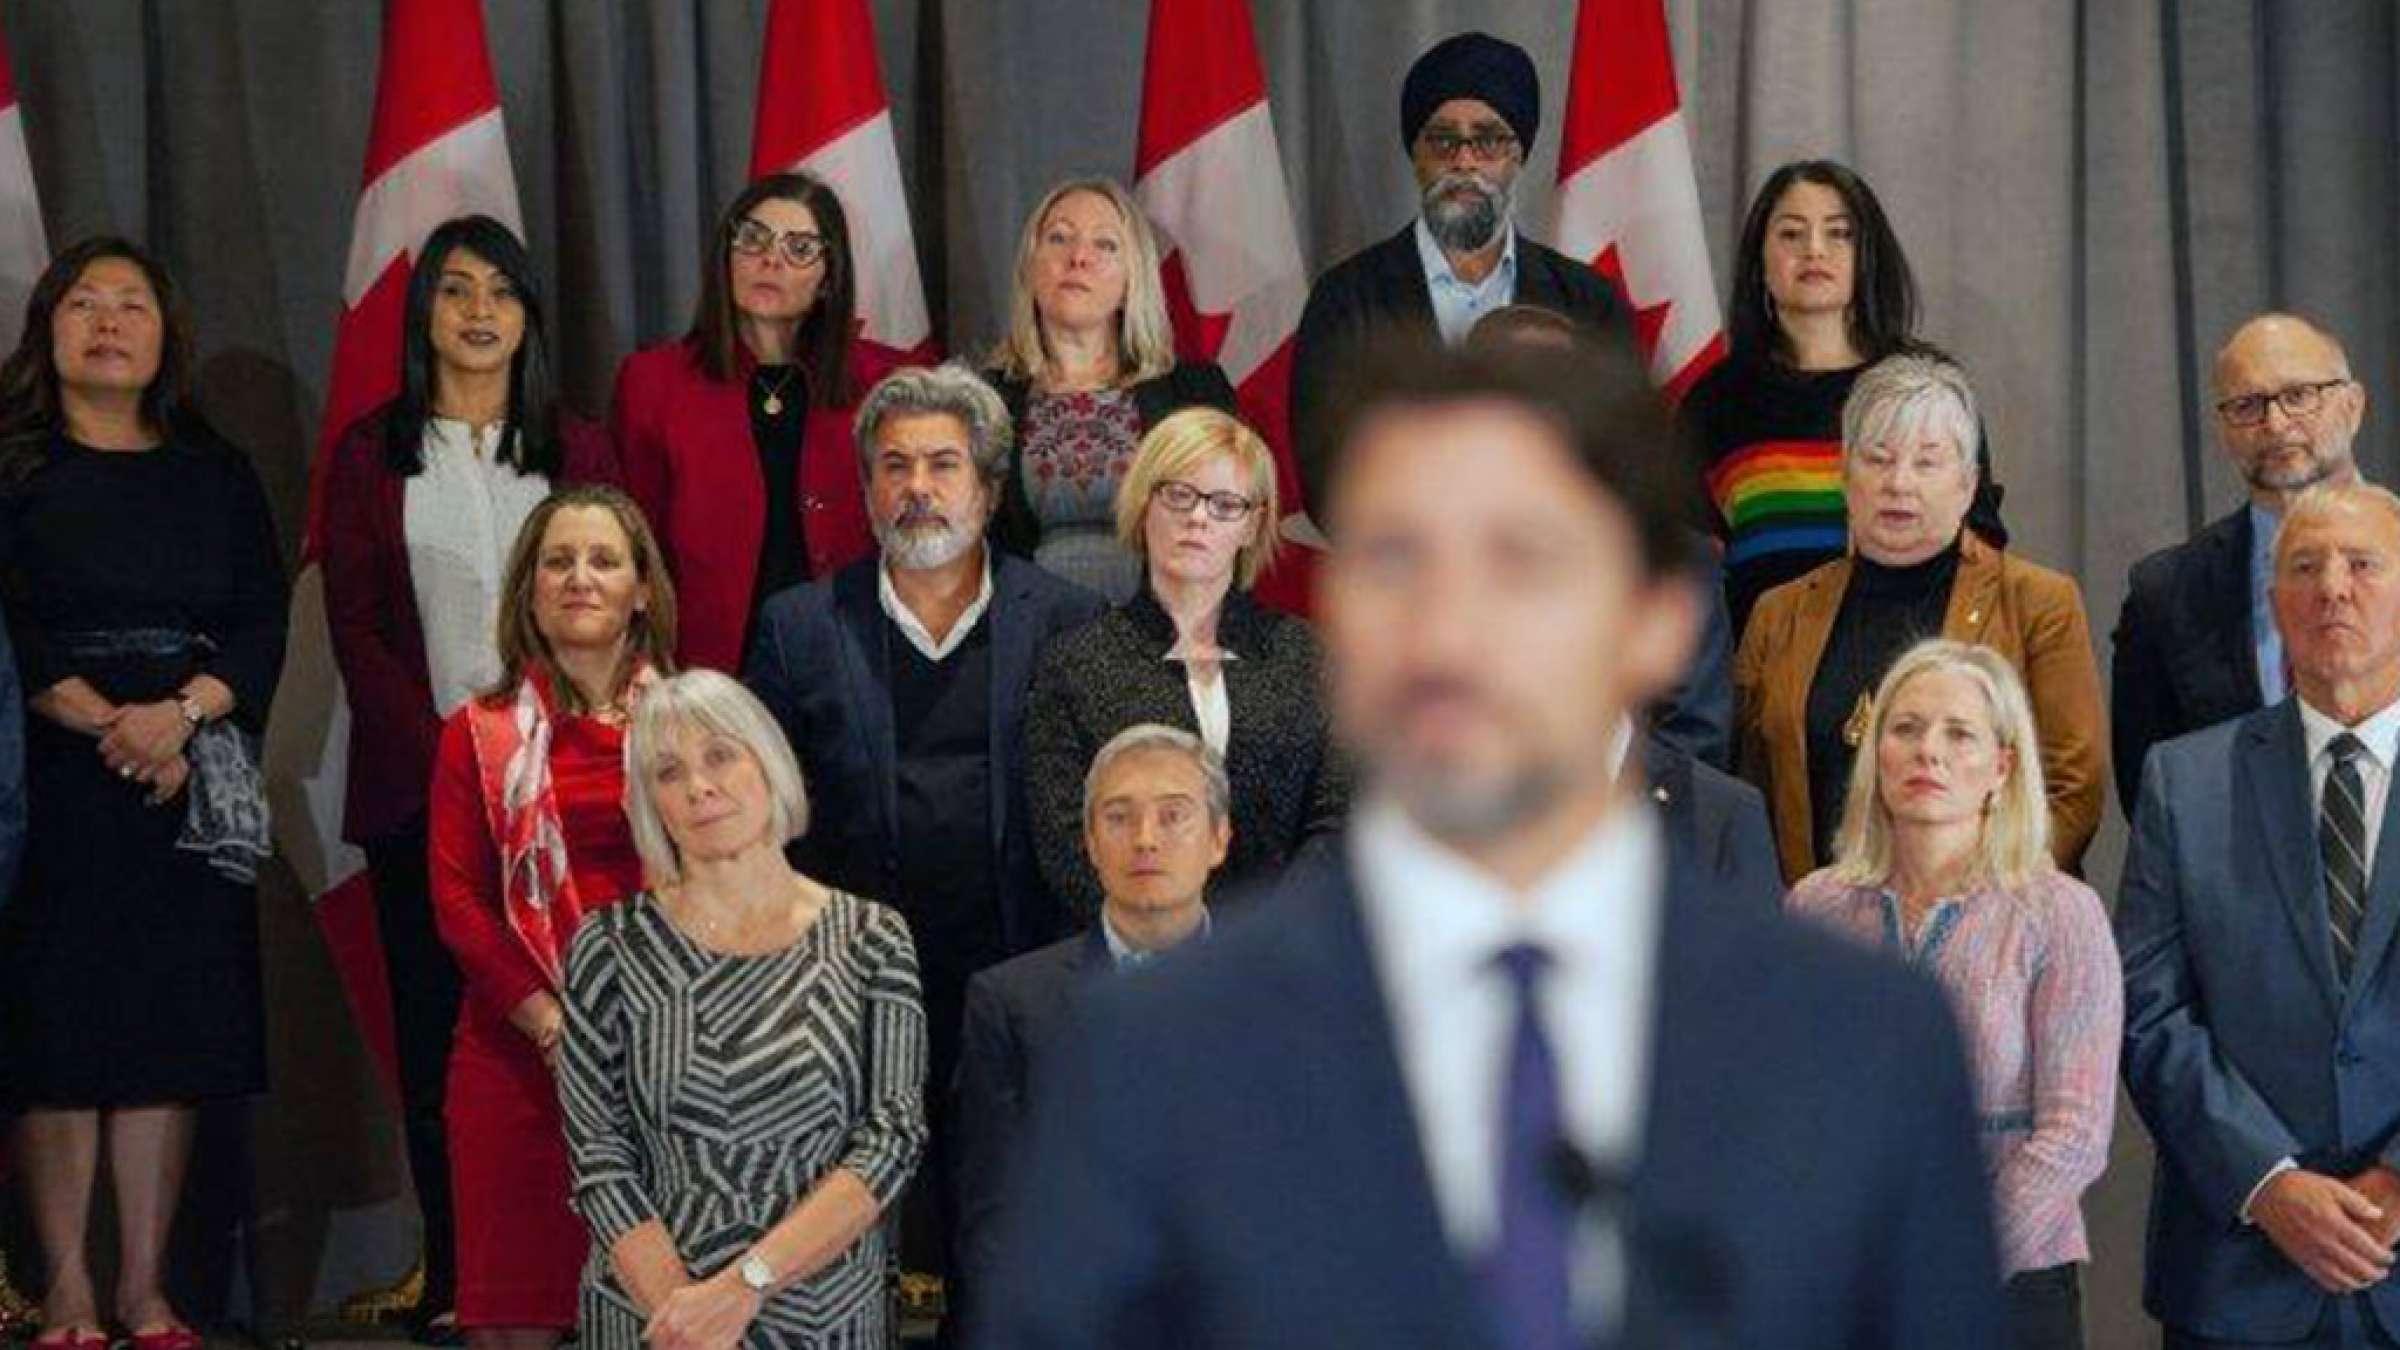 اخبار-کانادا-دویست-شغل-در-دولت-خالی-مانده-اند